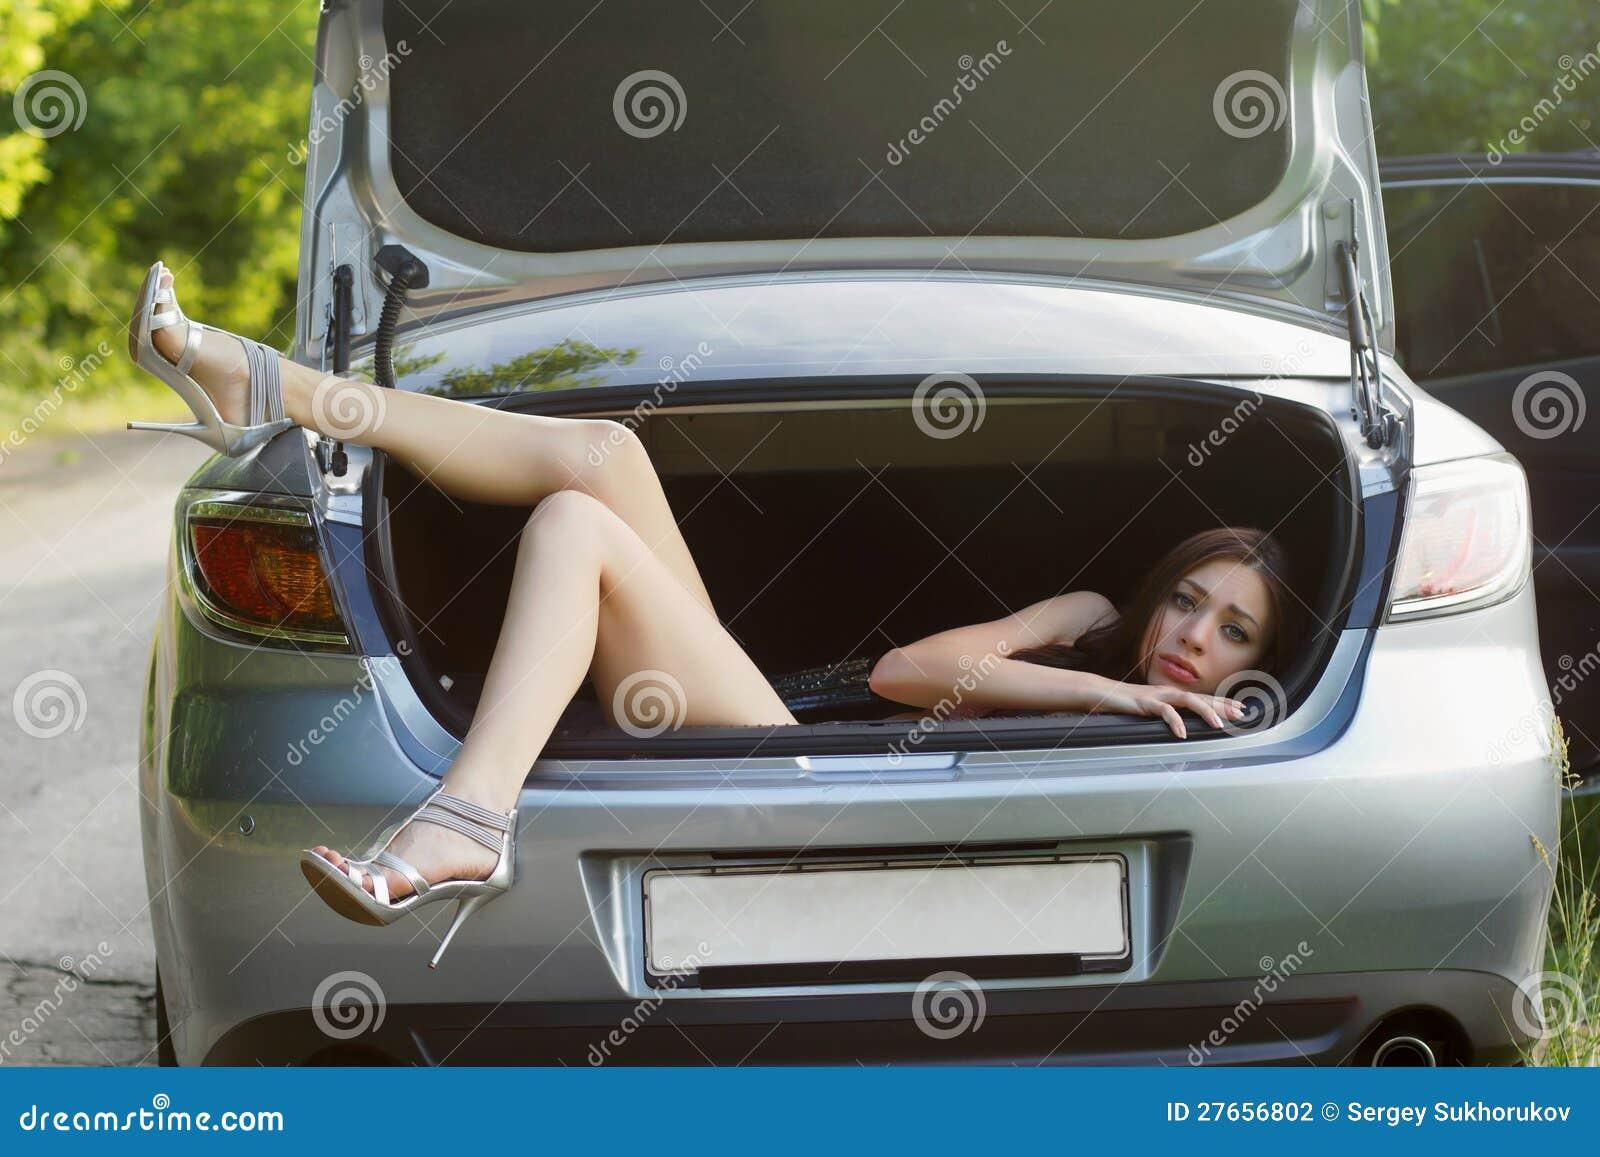 Трахнул в багажнике 16 фотография